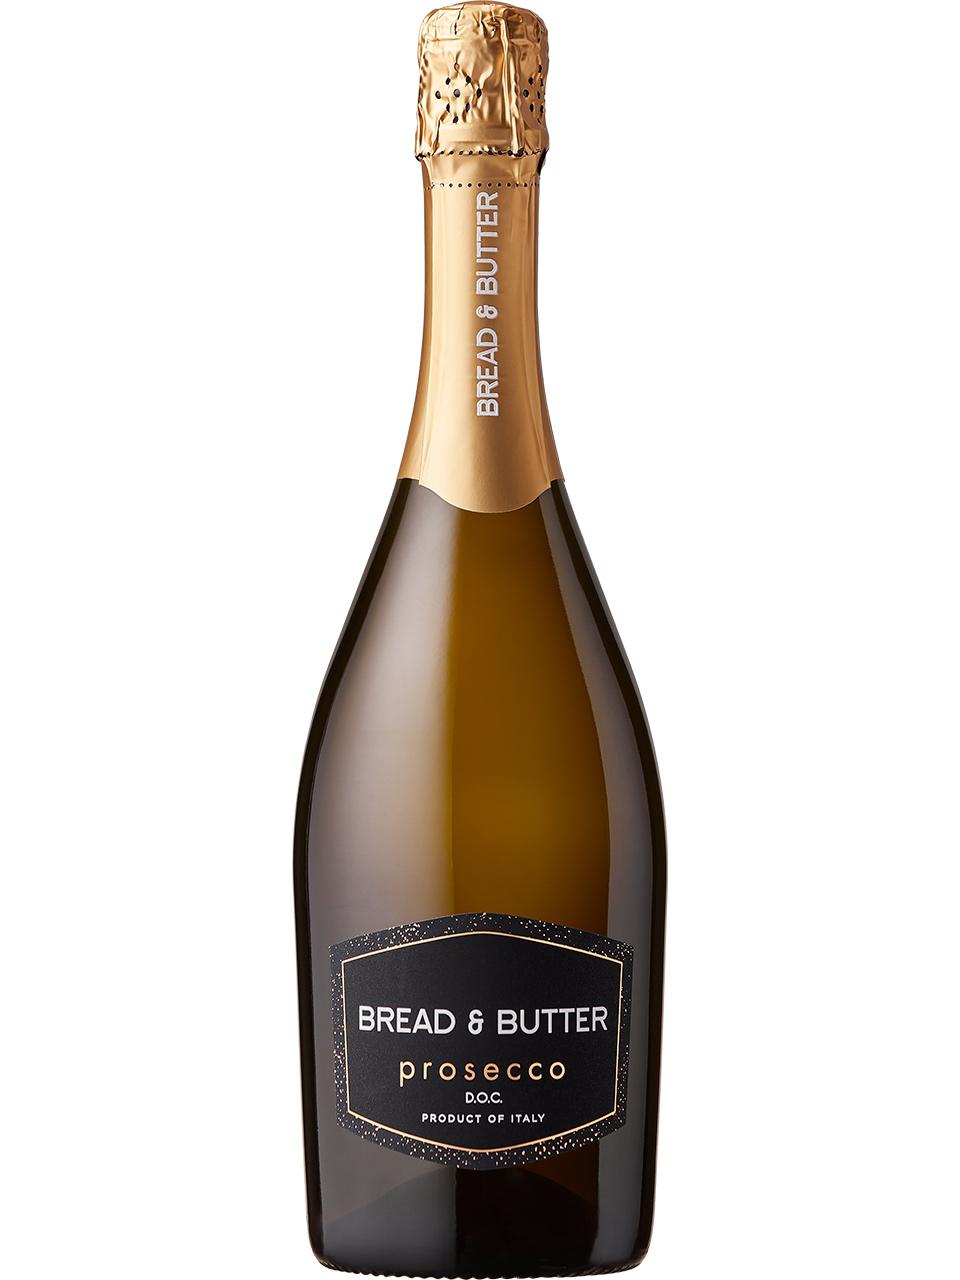 Bread & Butter Prosecco